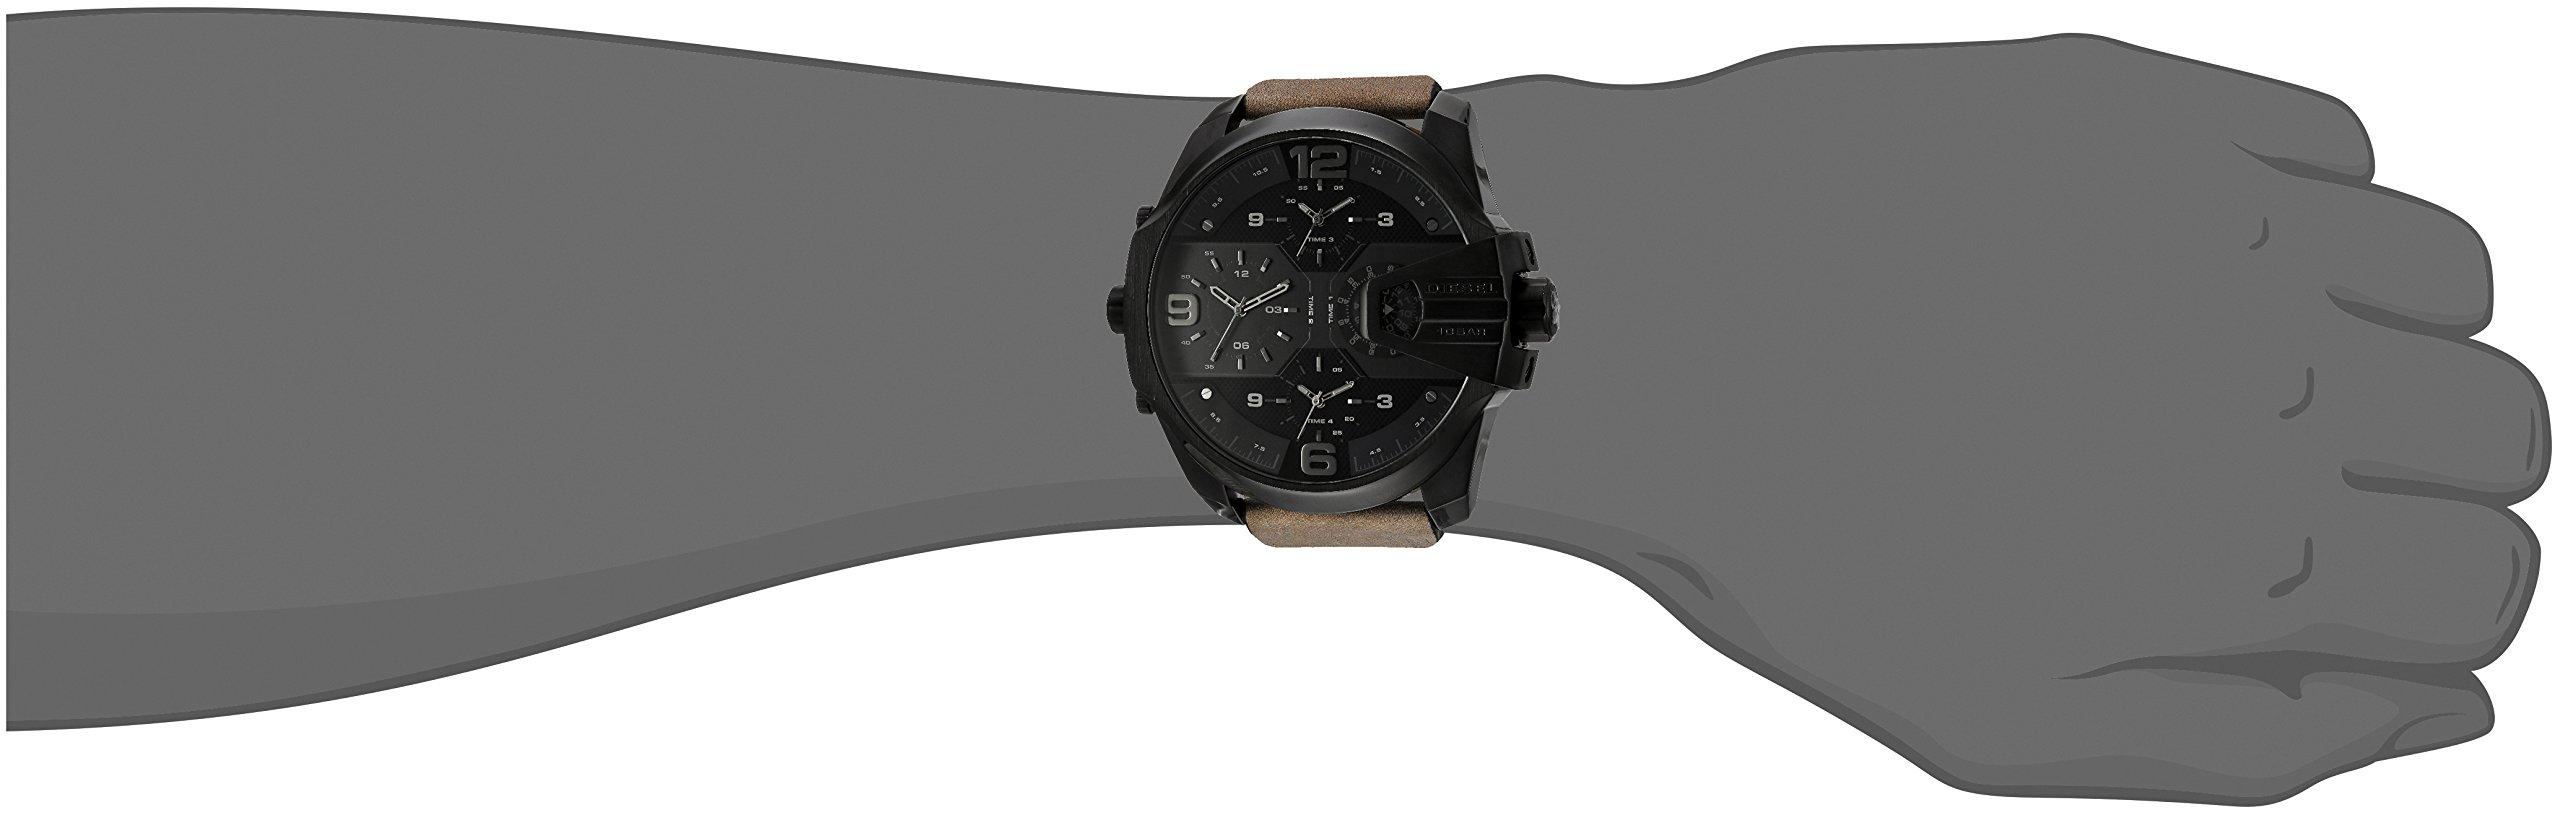 DIESEL Relojes diseño chief